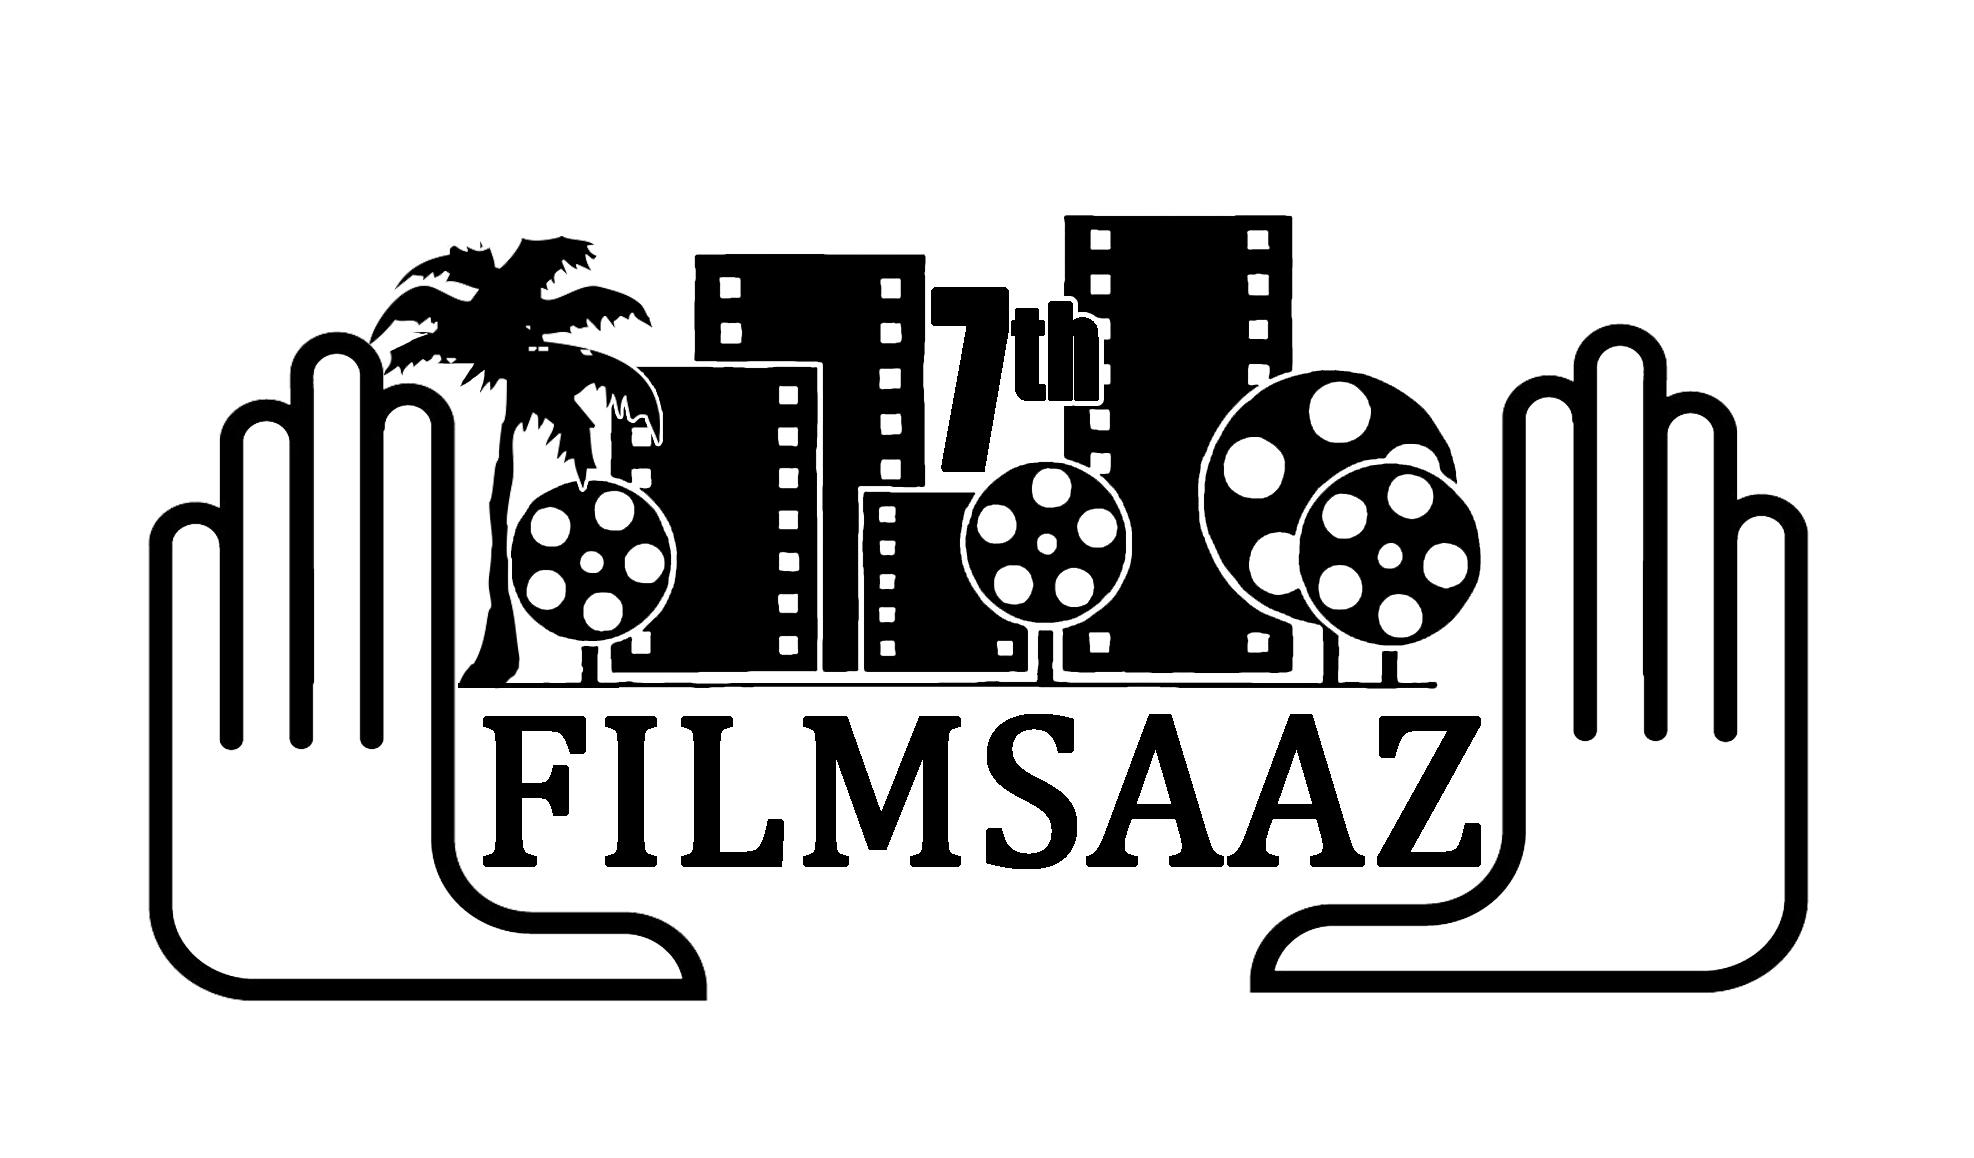 filmsaaz